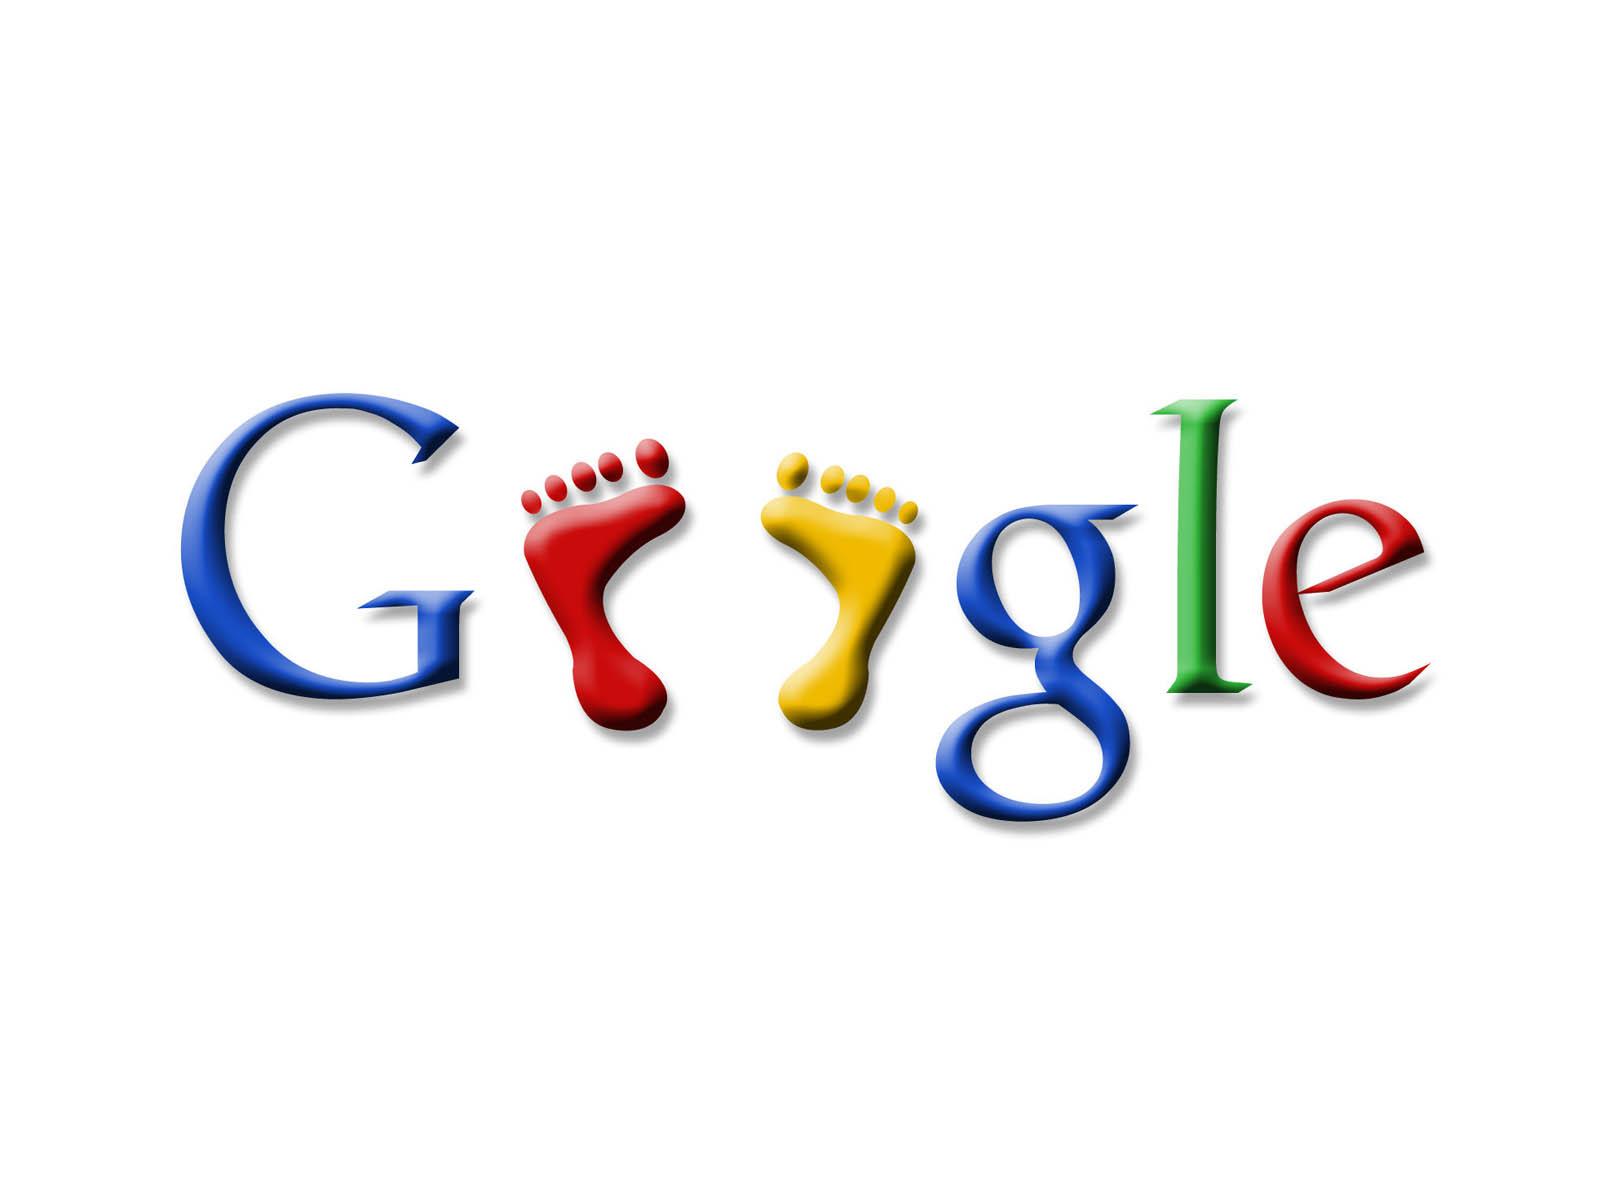 19f5161ed2 Google Desktop Backgrounds 04 Google Desktop Backgrounds 1600x1200